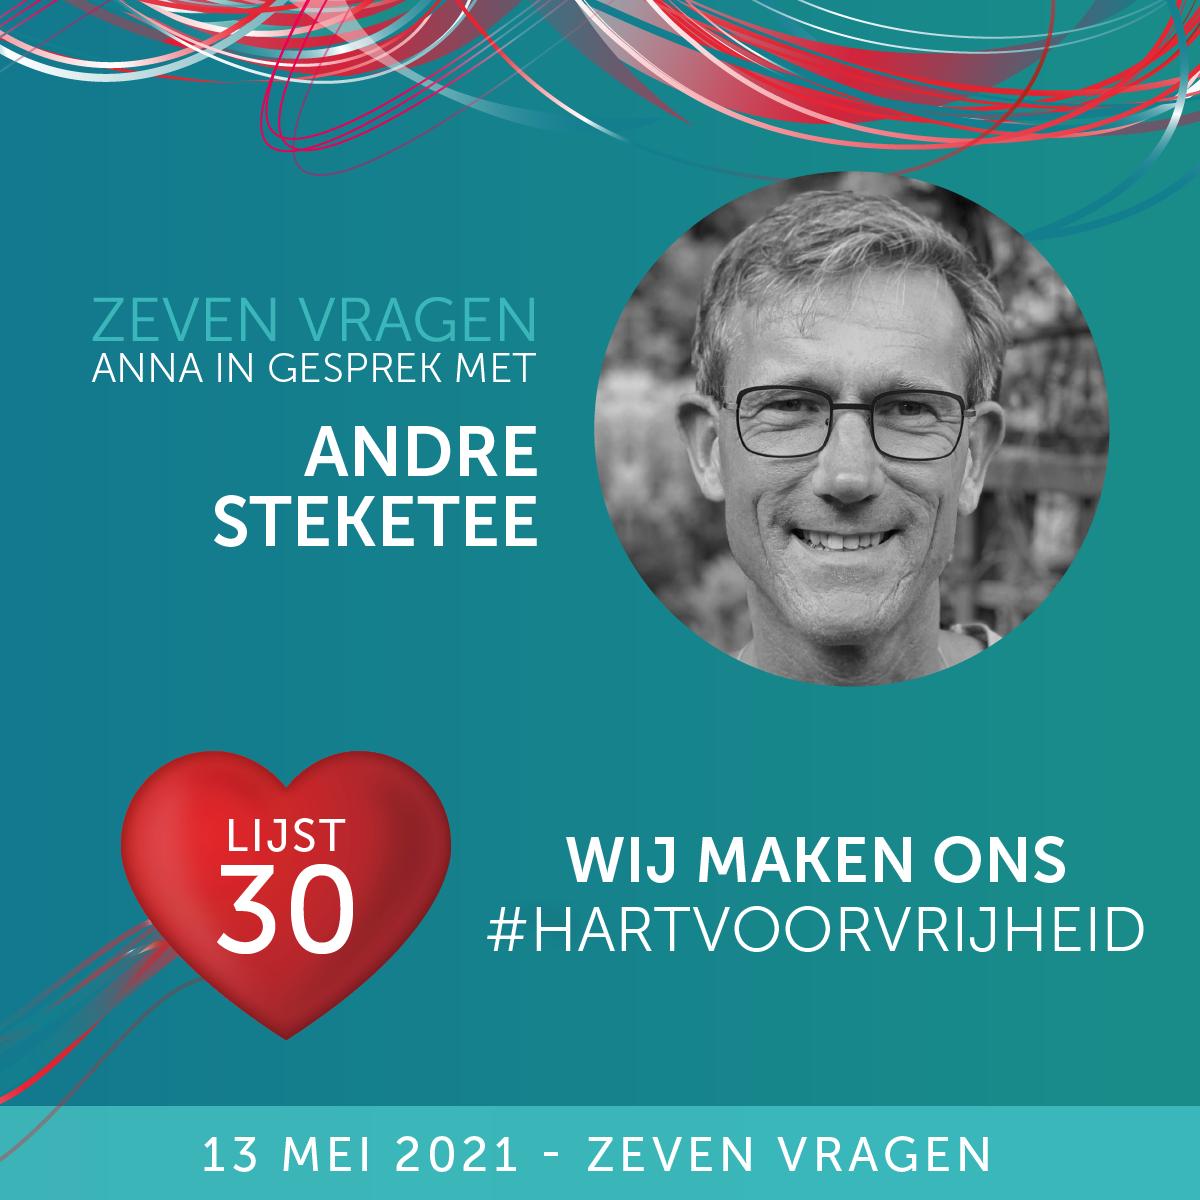 Zeven vragen - André Steketee